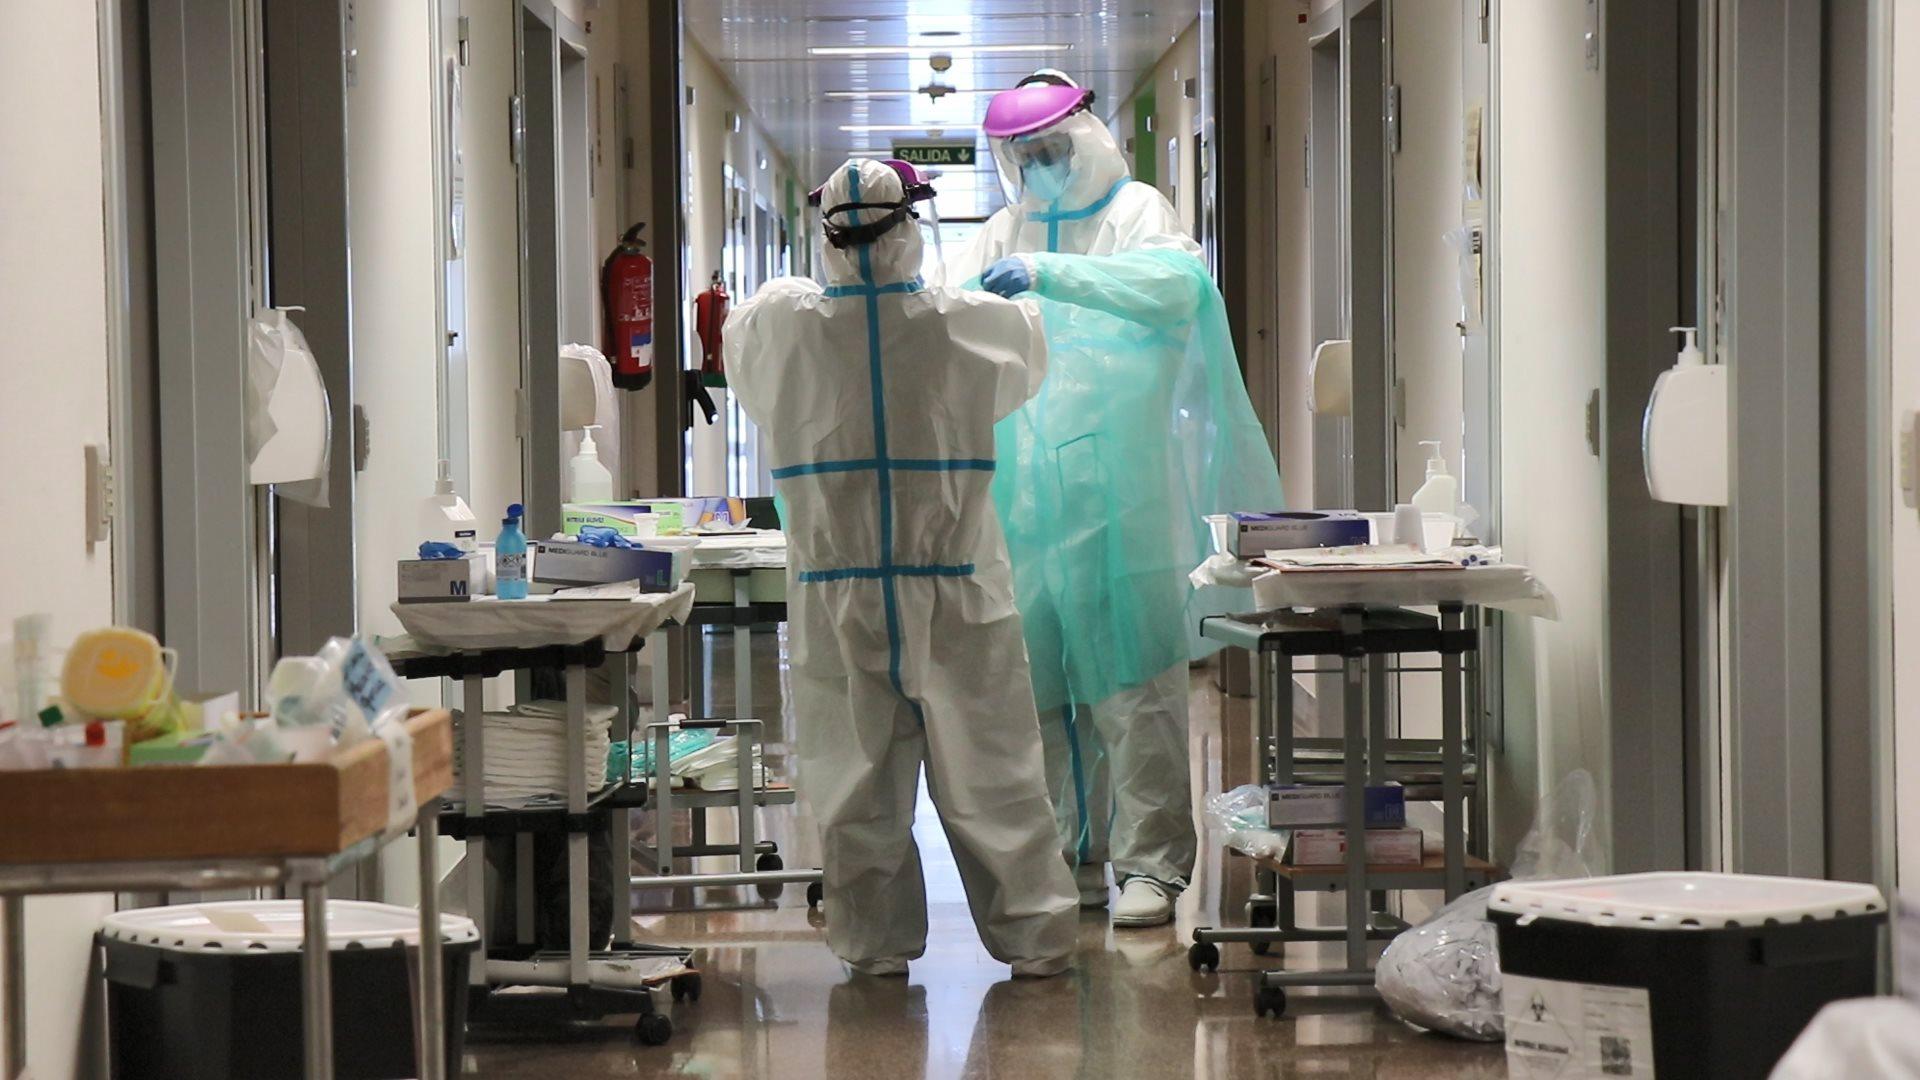 La Comunitat Valenciana no registra defuncions per coronavirus i suma 24 altes i 3 nous casos en l'última jornada